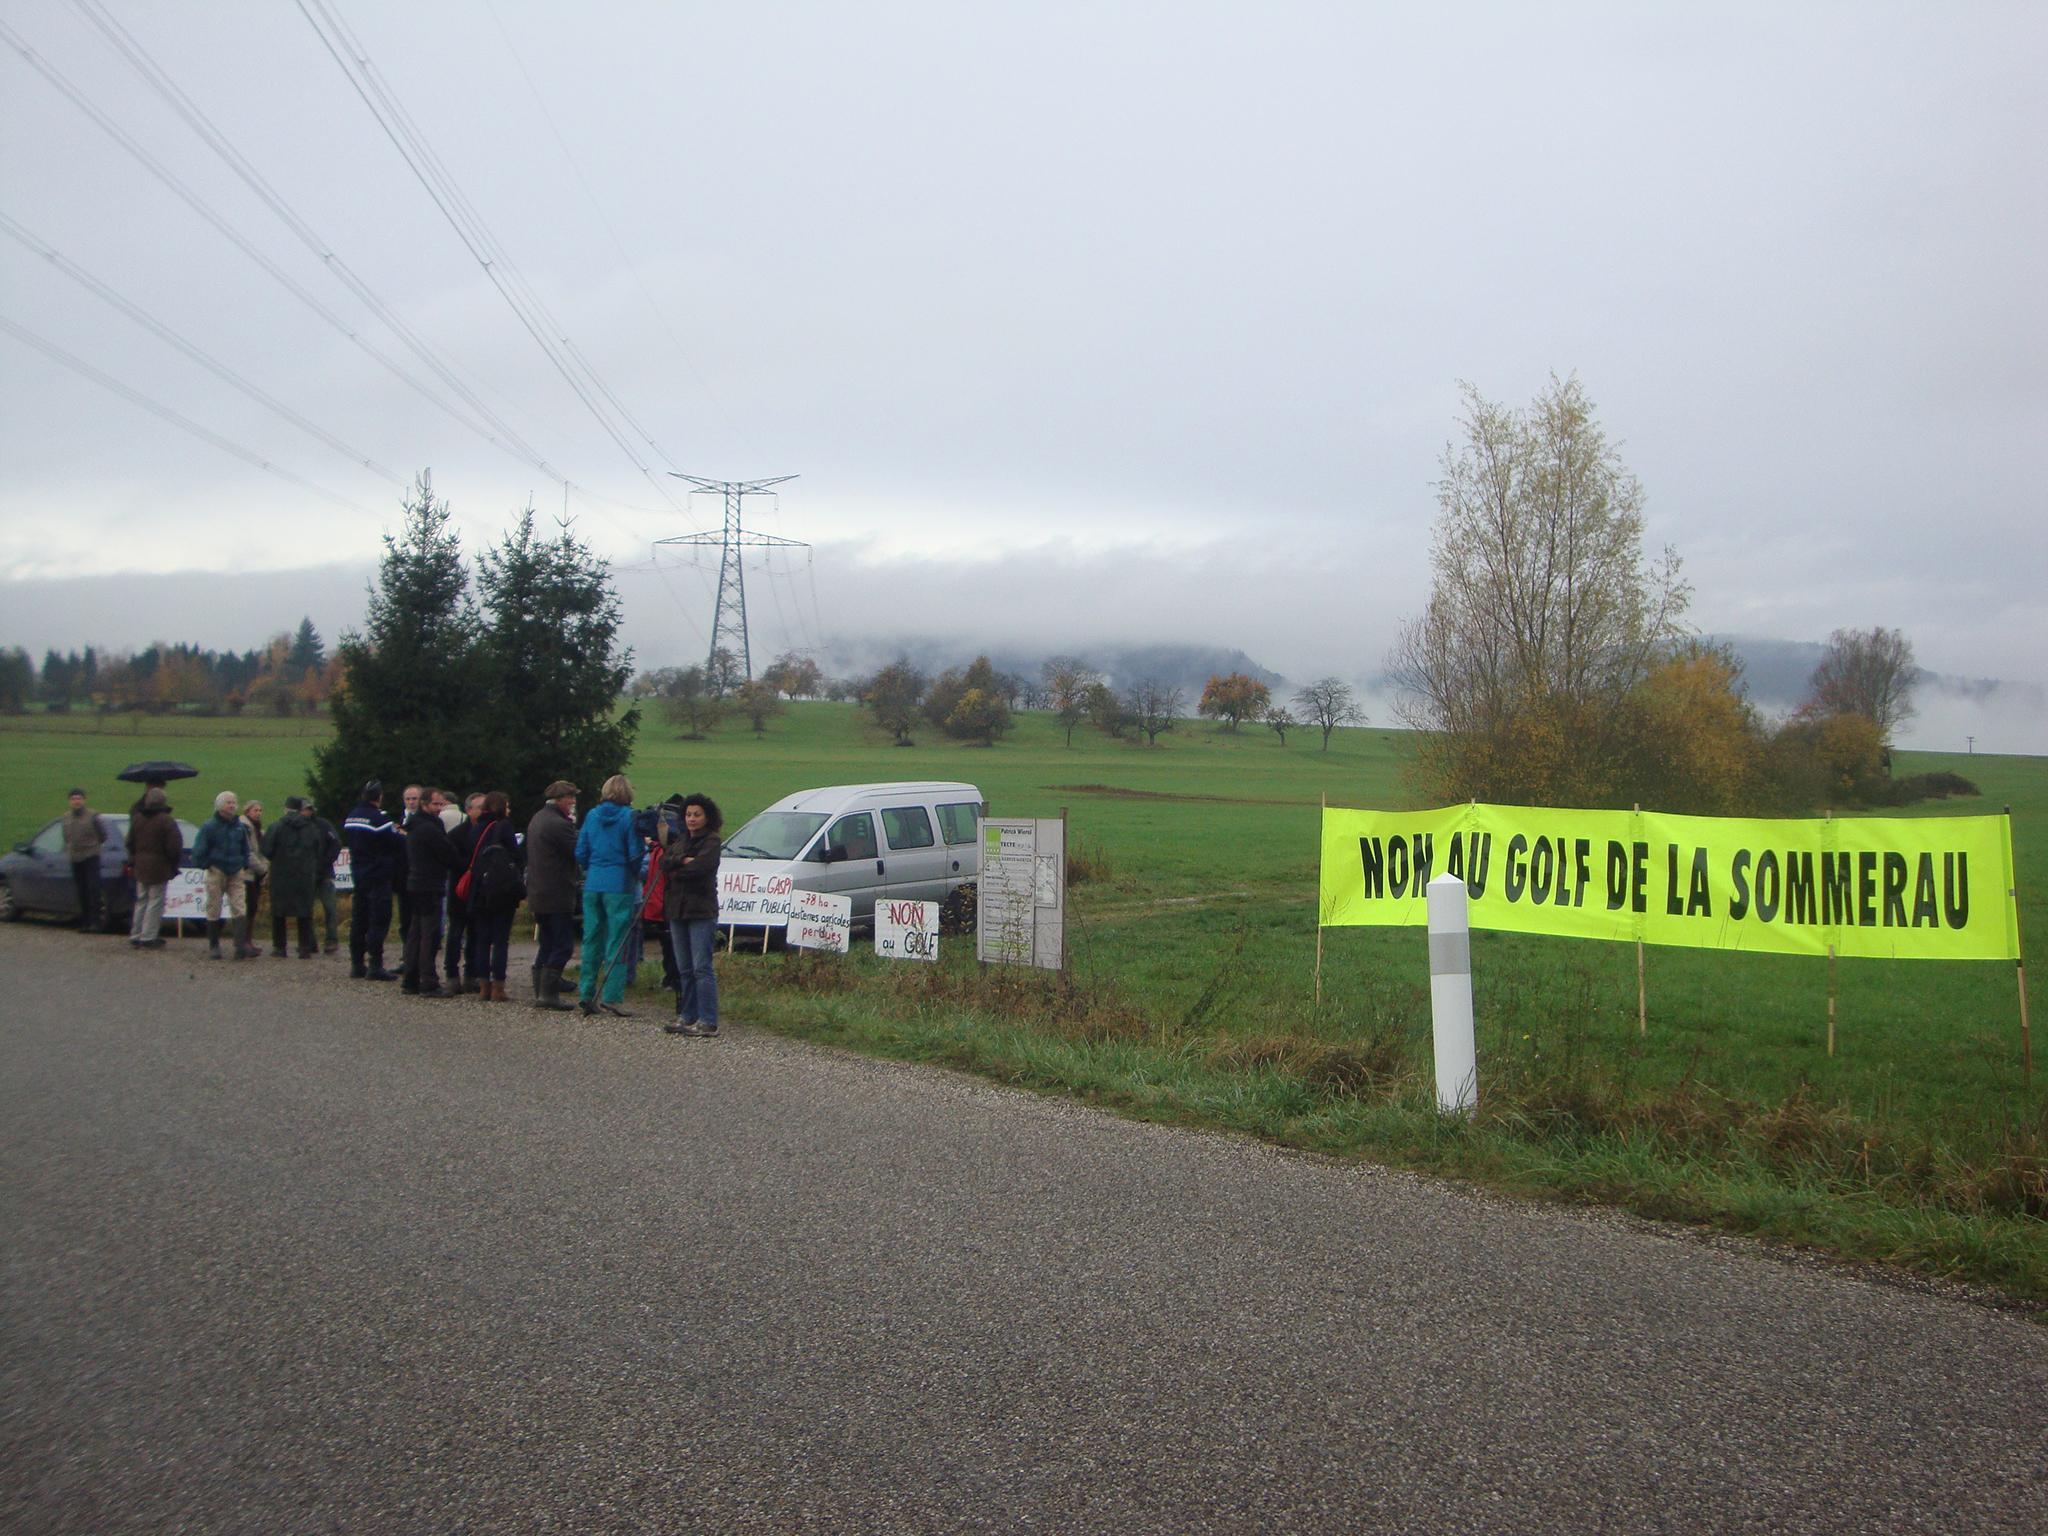 [mobilisation] Golf de la Sommerau : des manifestants écologistes bloquent le démarrage du chantier